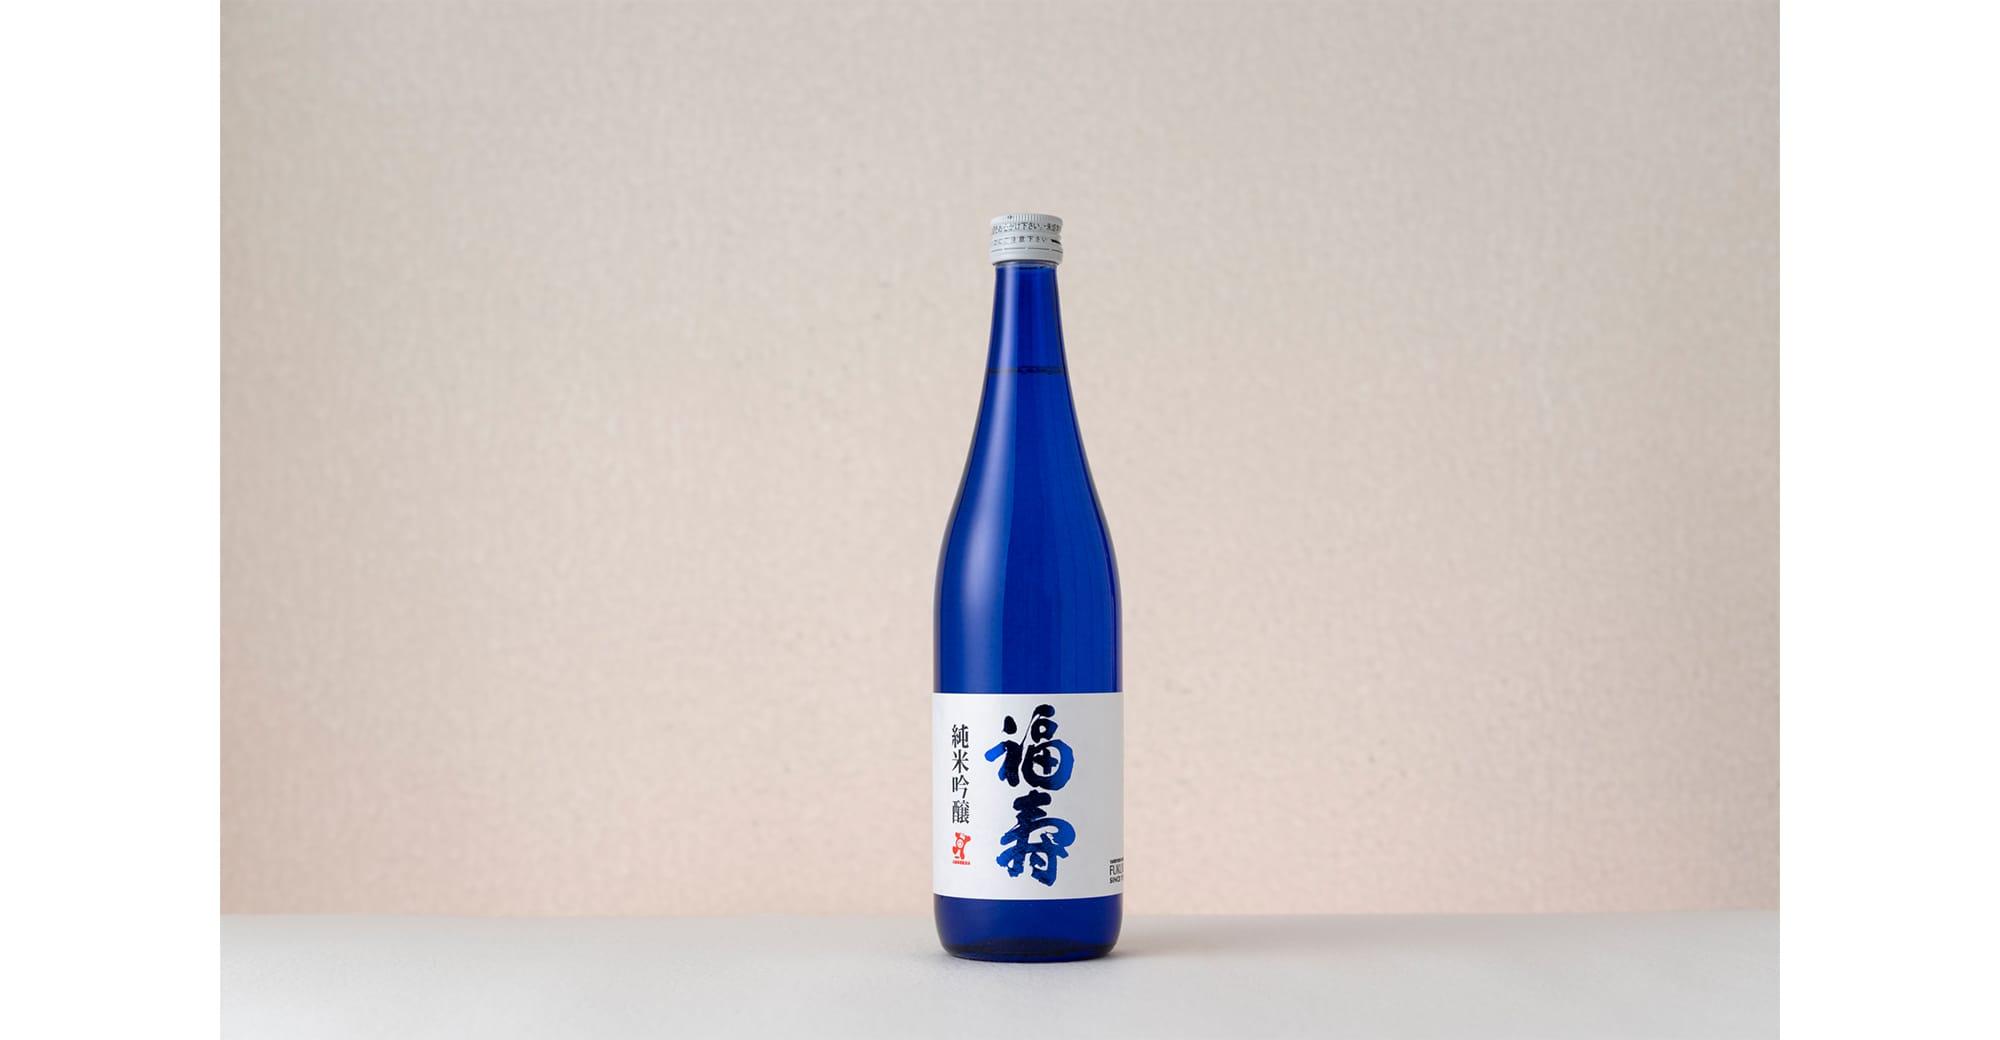 「福寿 純米吟醸」720ml 1,600円(税抜)